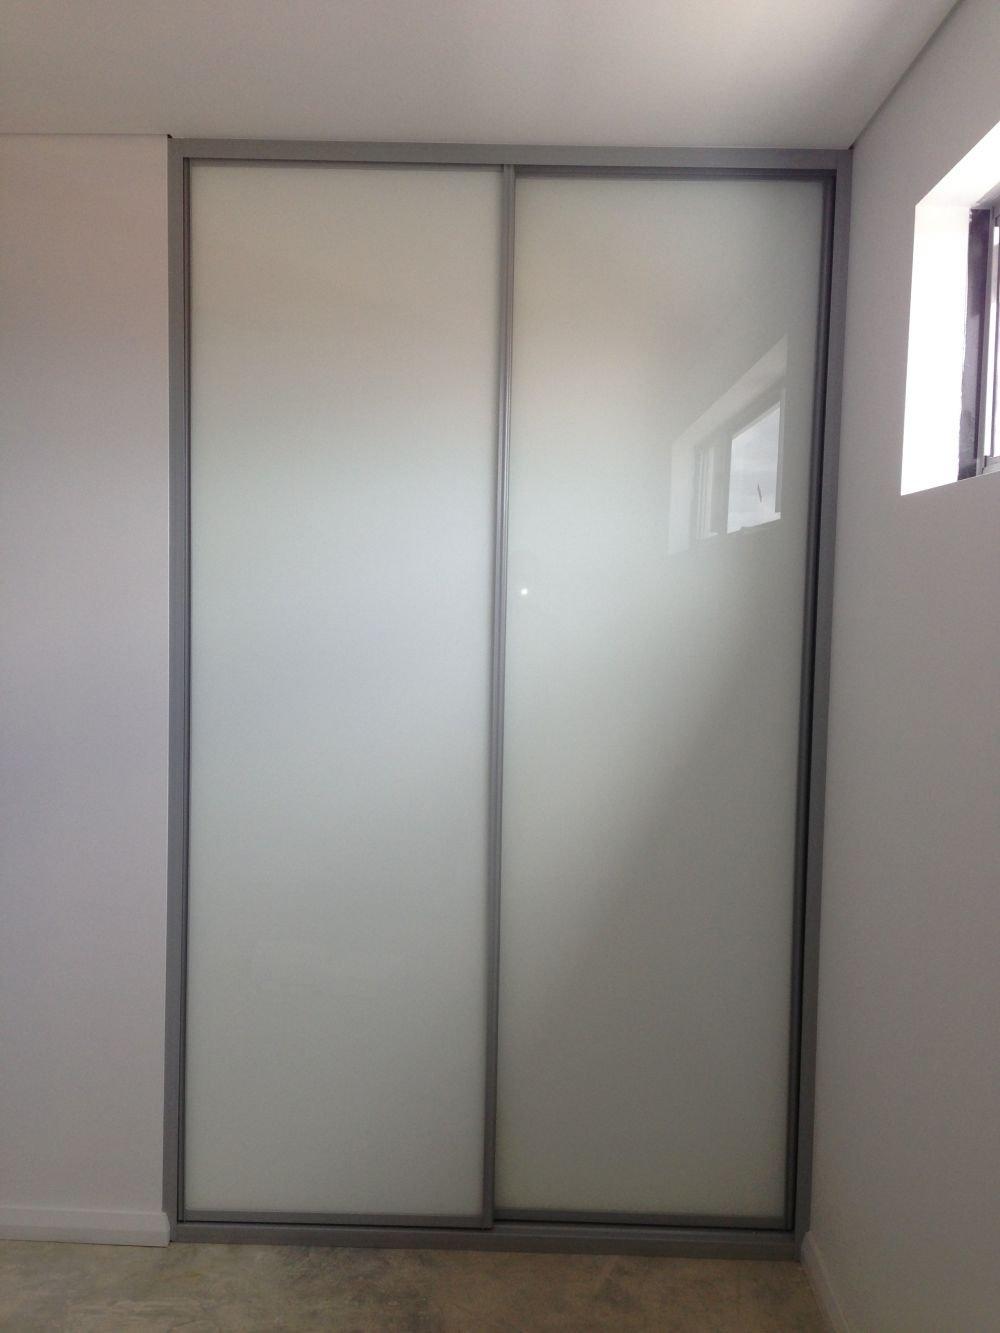 built in sliding wardrobe in white glass